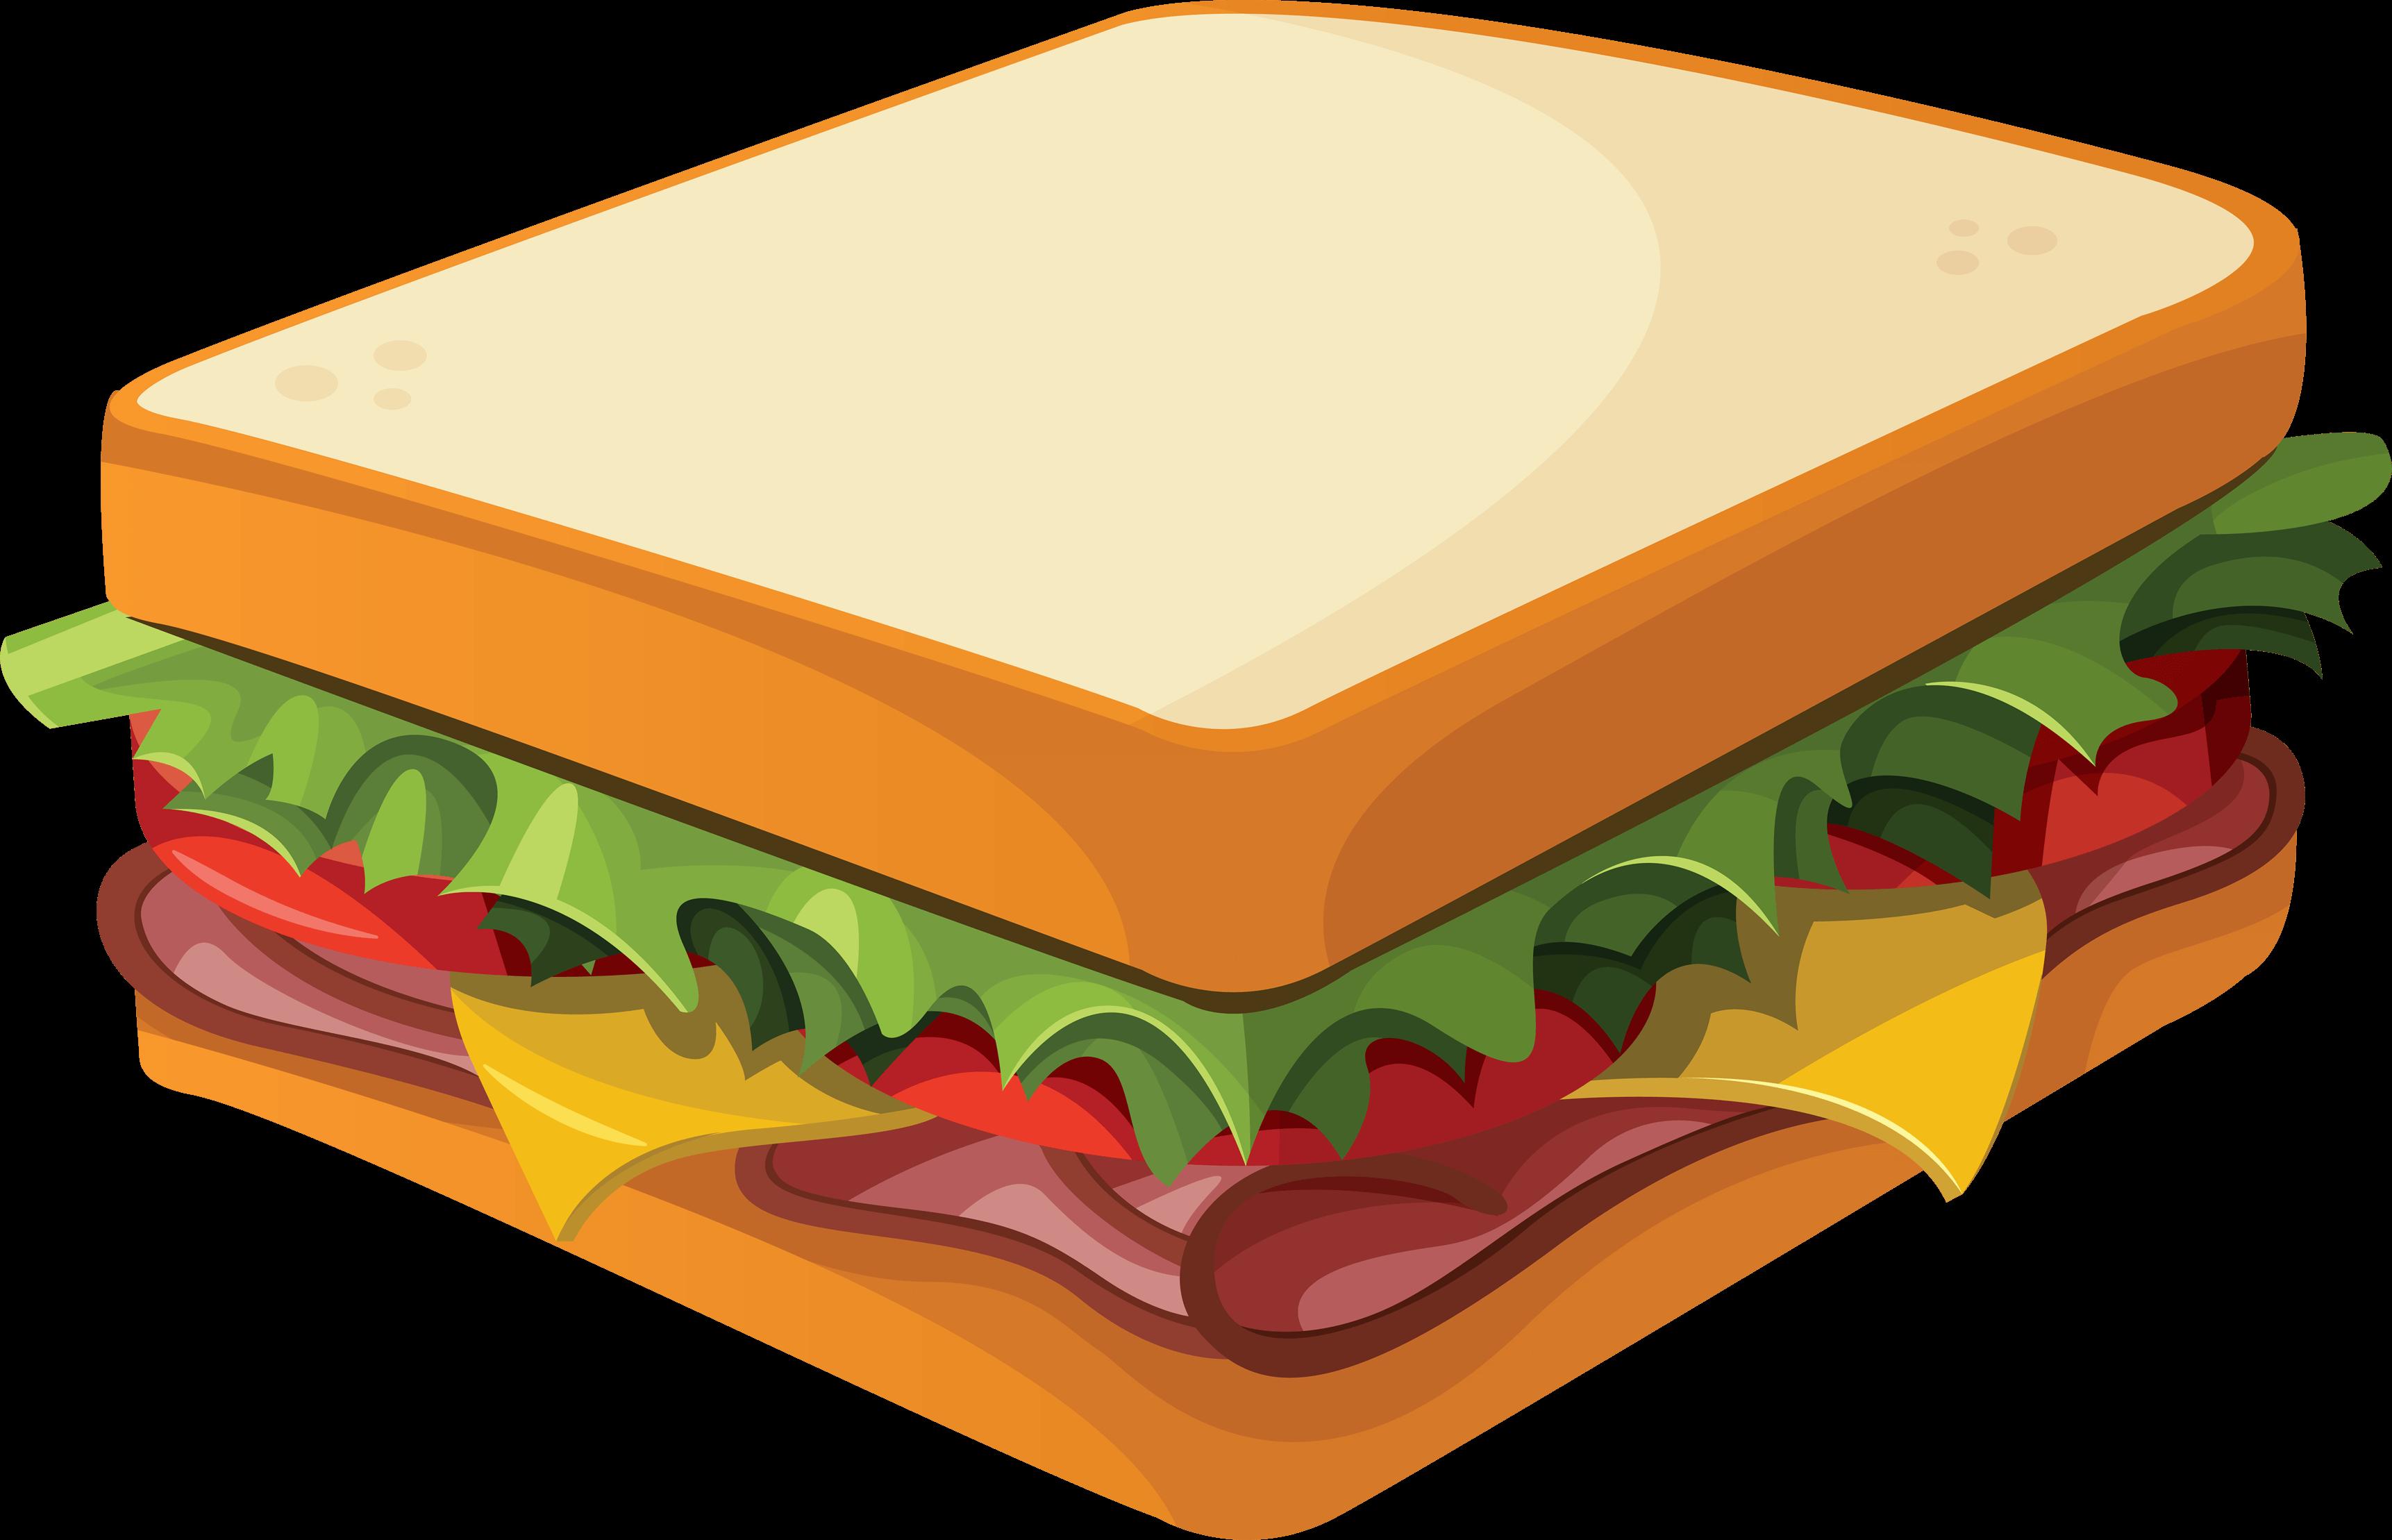 Sad clipart sandwich. Download png image hq